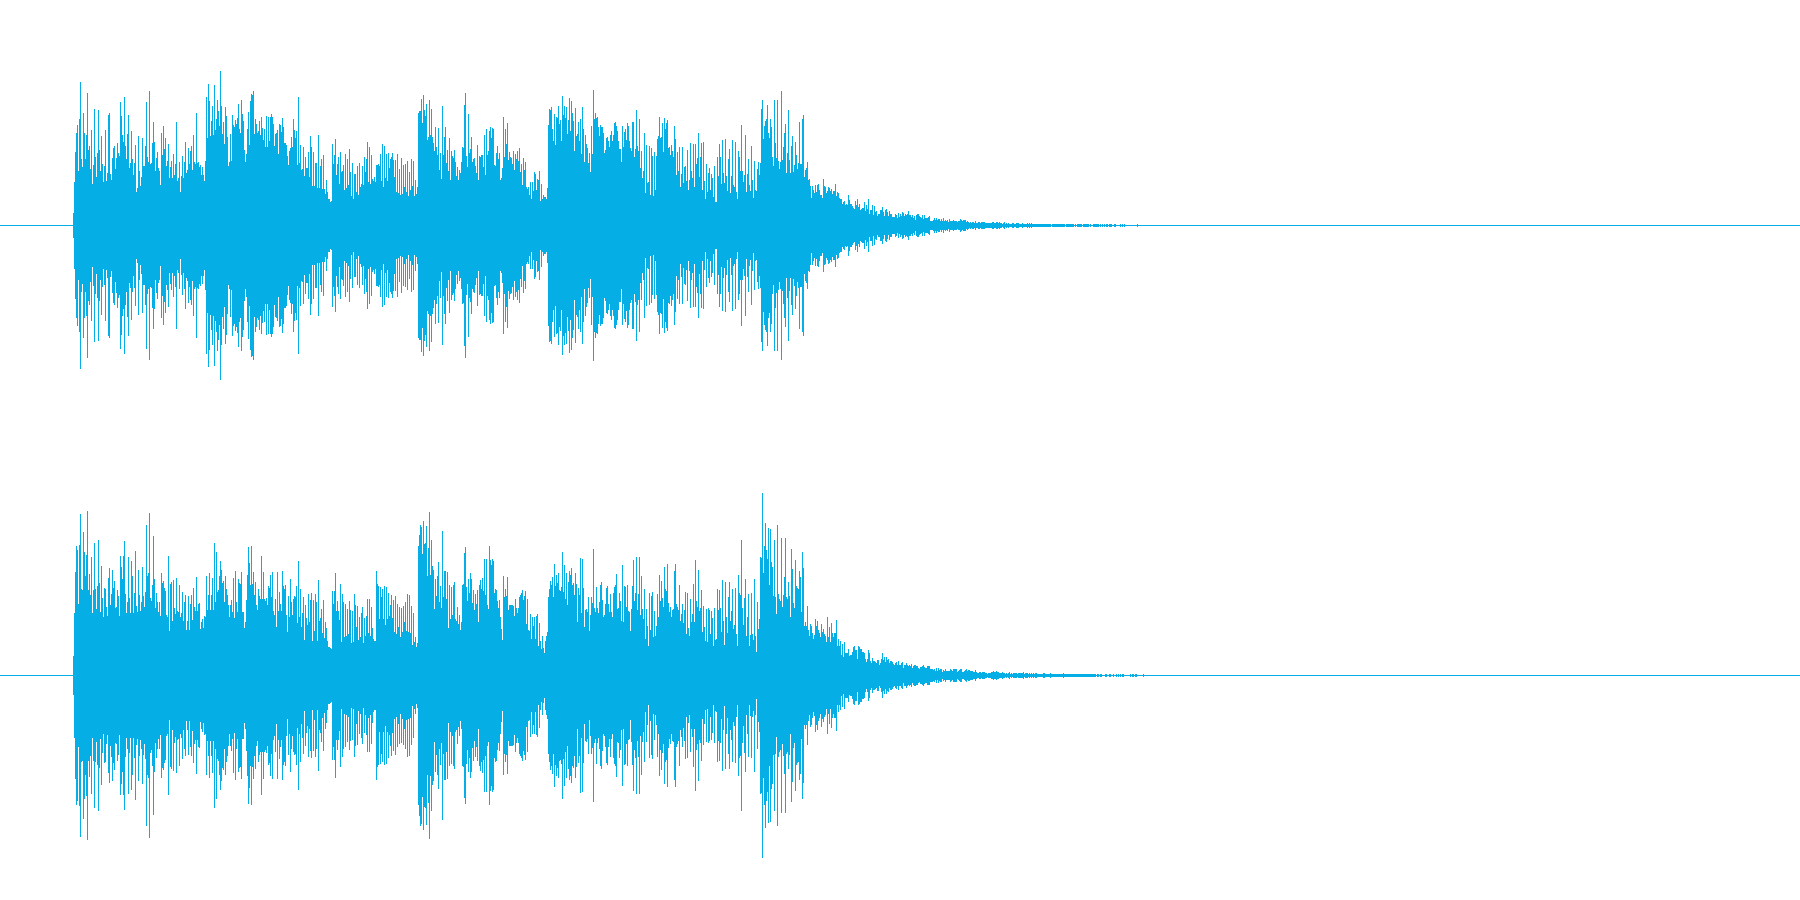 ファンキー・フュージョン系ジングルの再生済みの波形